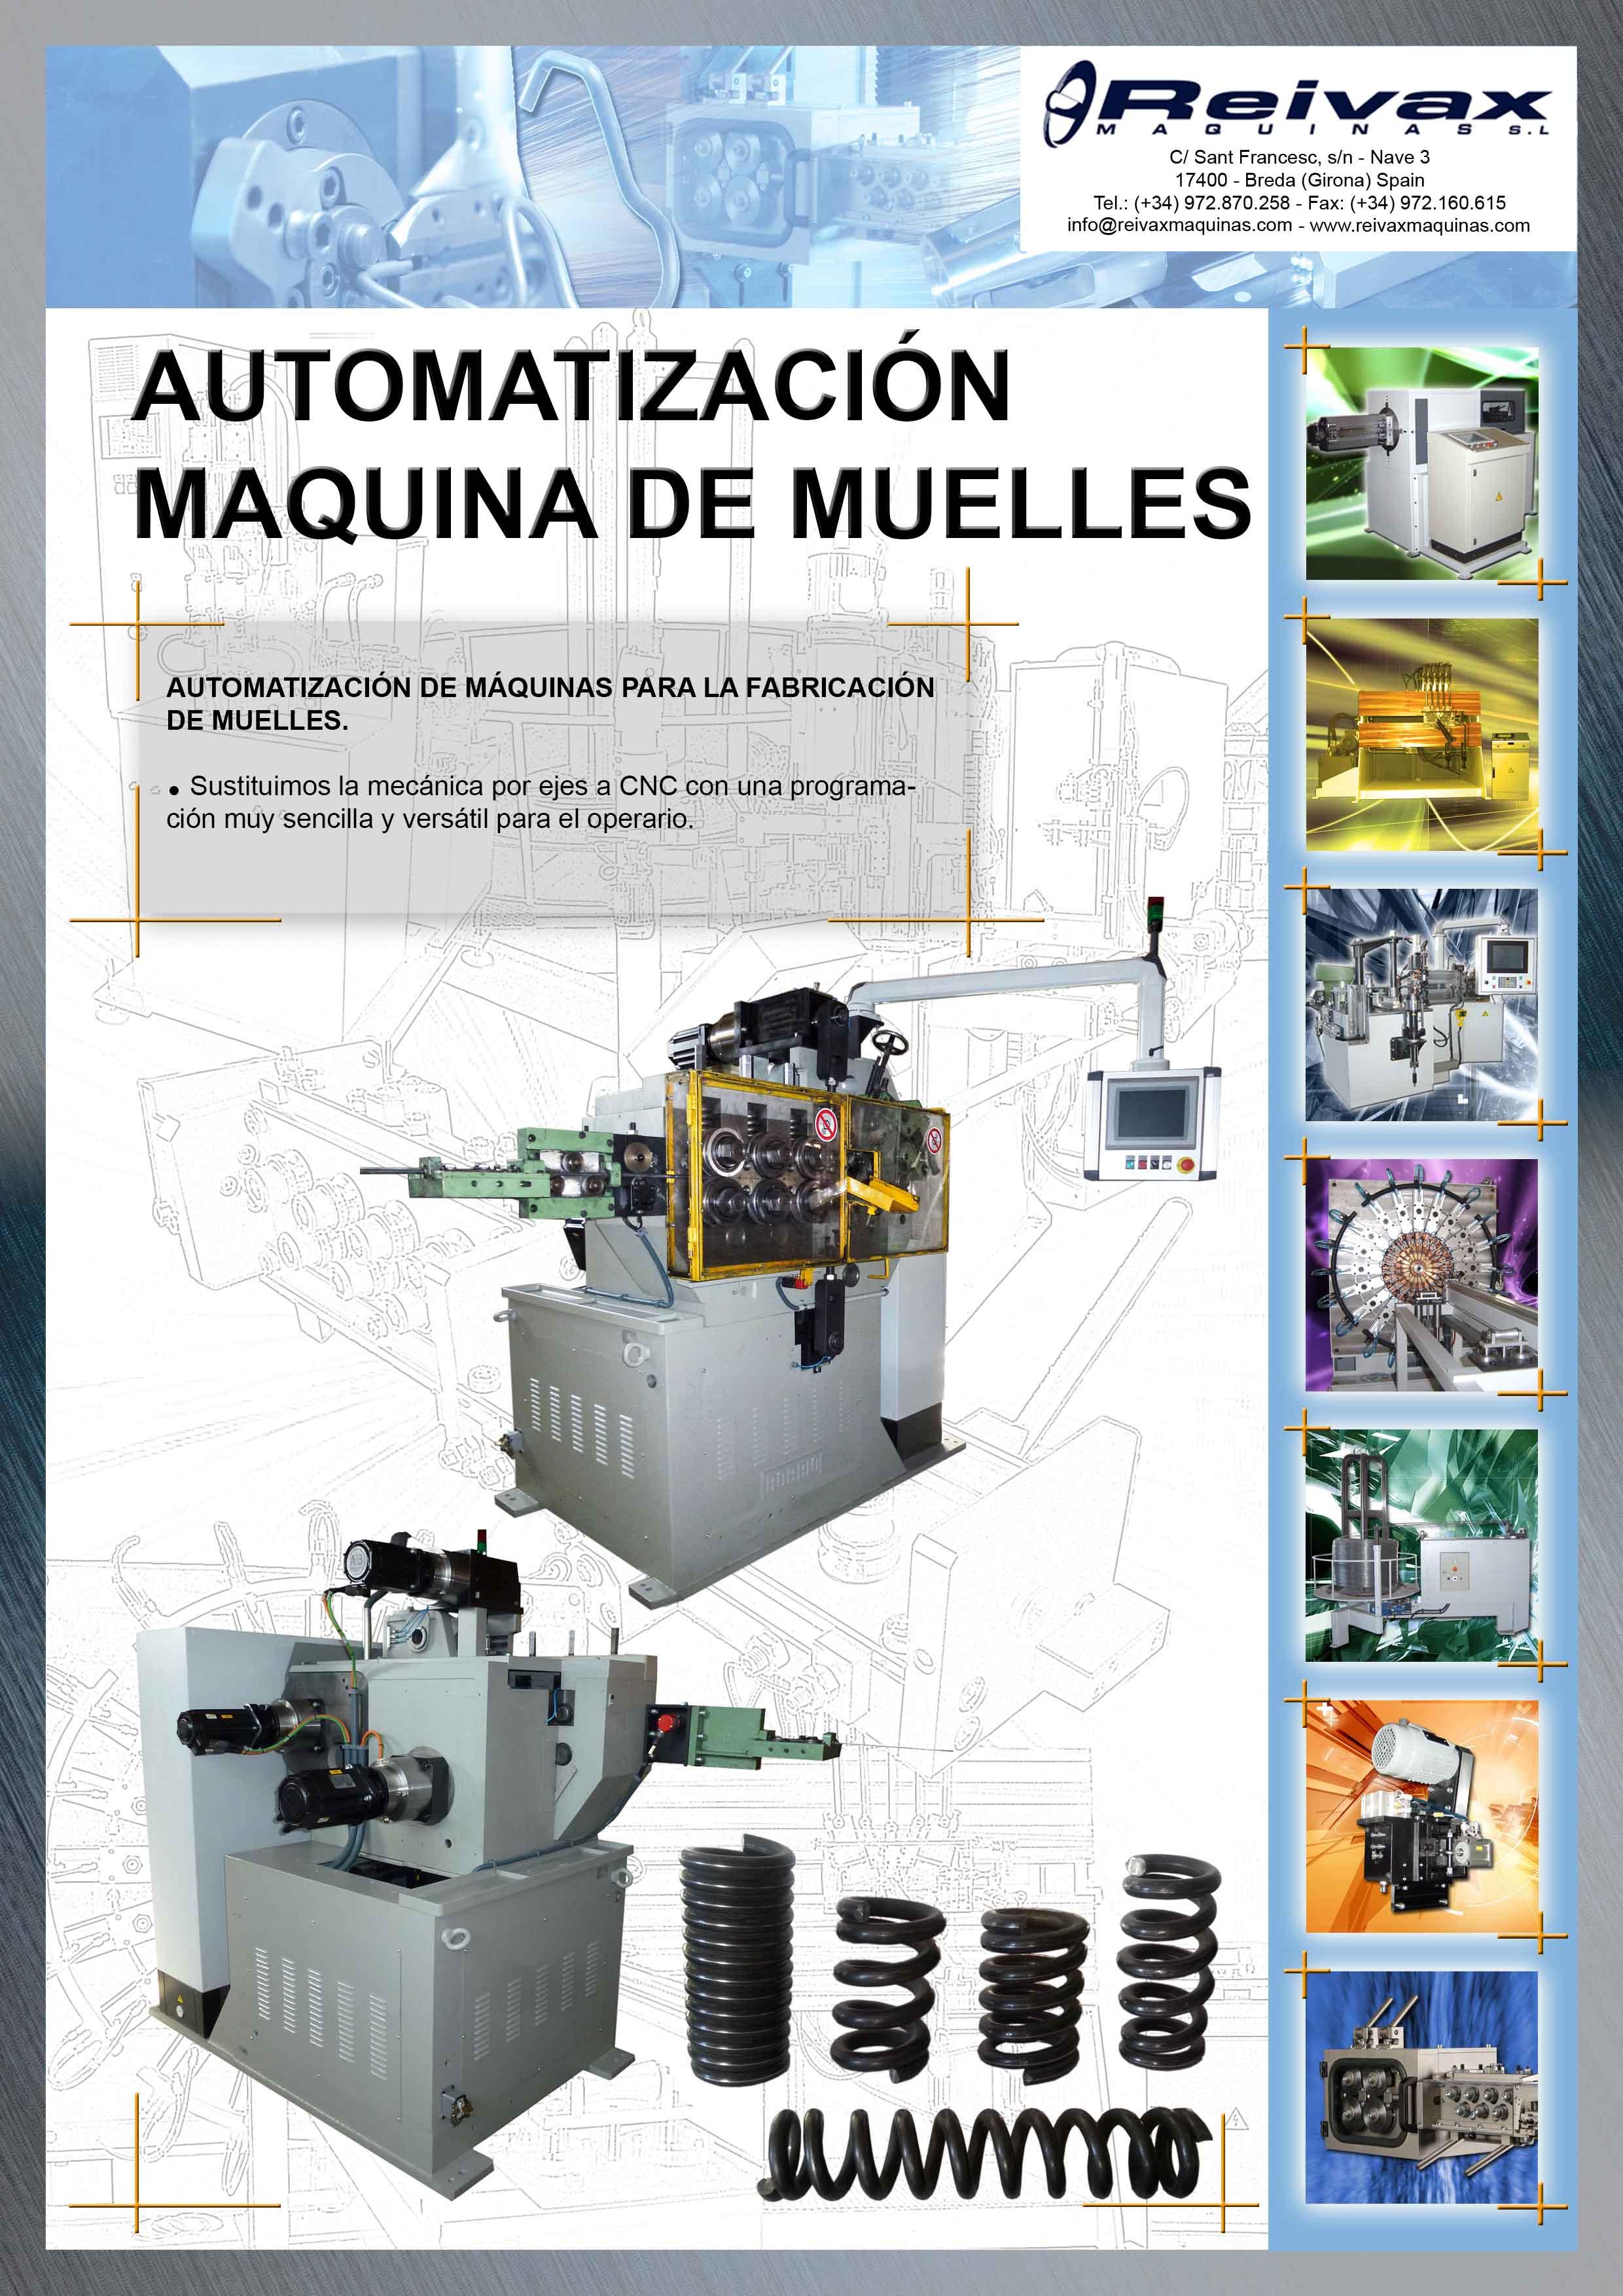 ReivaxMaquinas: Ficha Automatizacion Maquina de Muelles